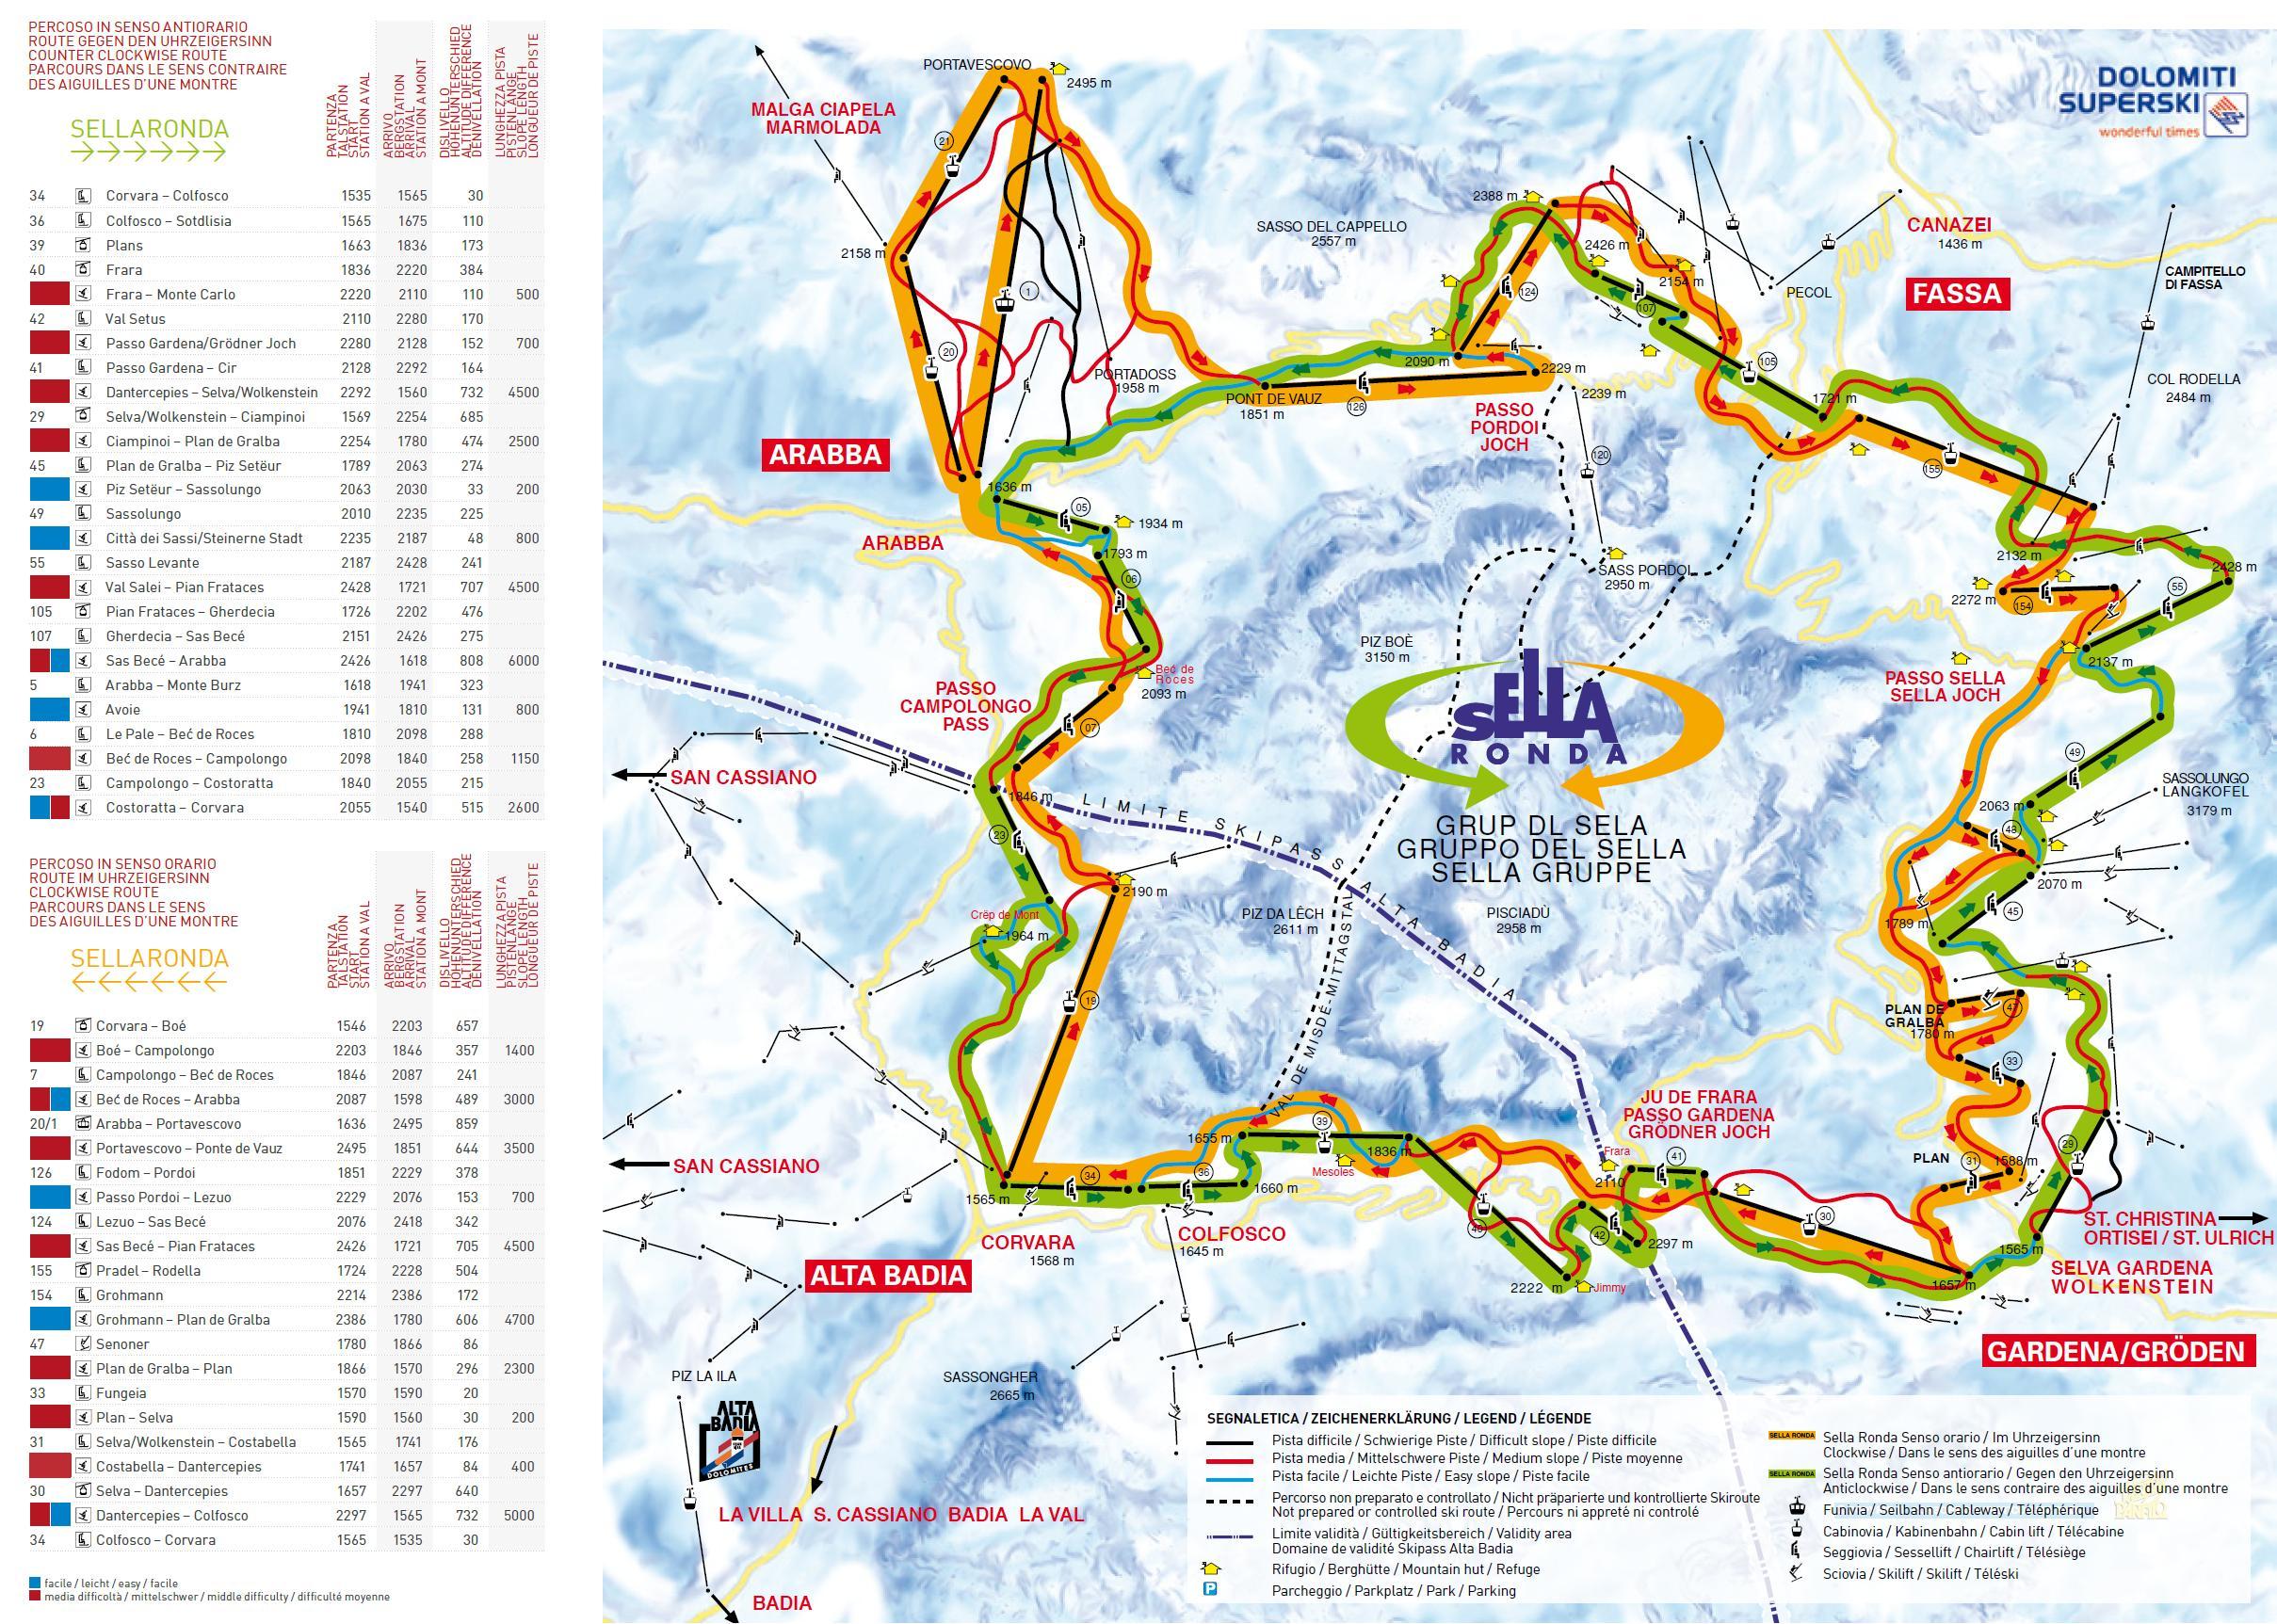 Cartina Dolomiti Superski.Dolomiti Superski Sellaronda Cartina Mappa Skimaps